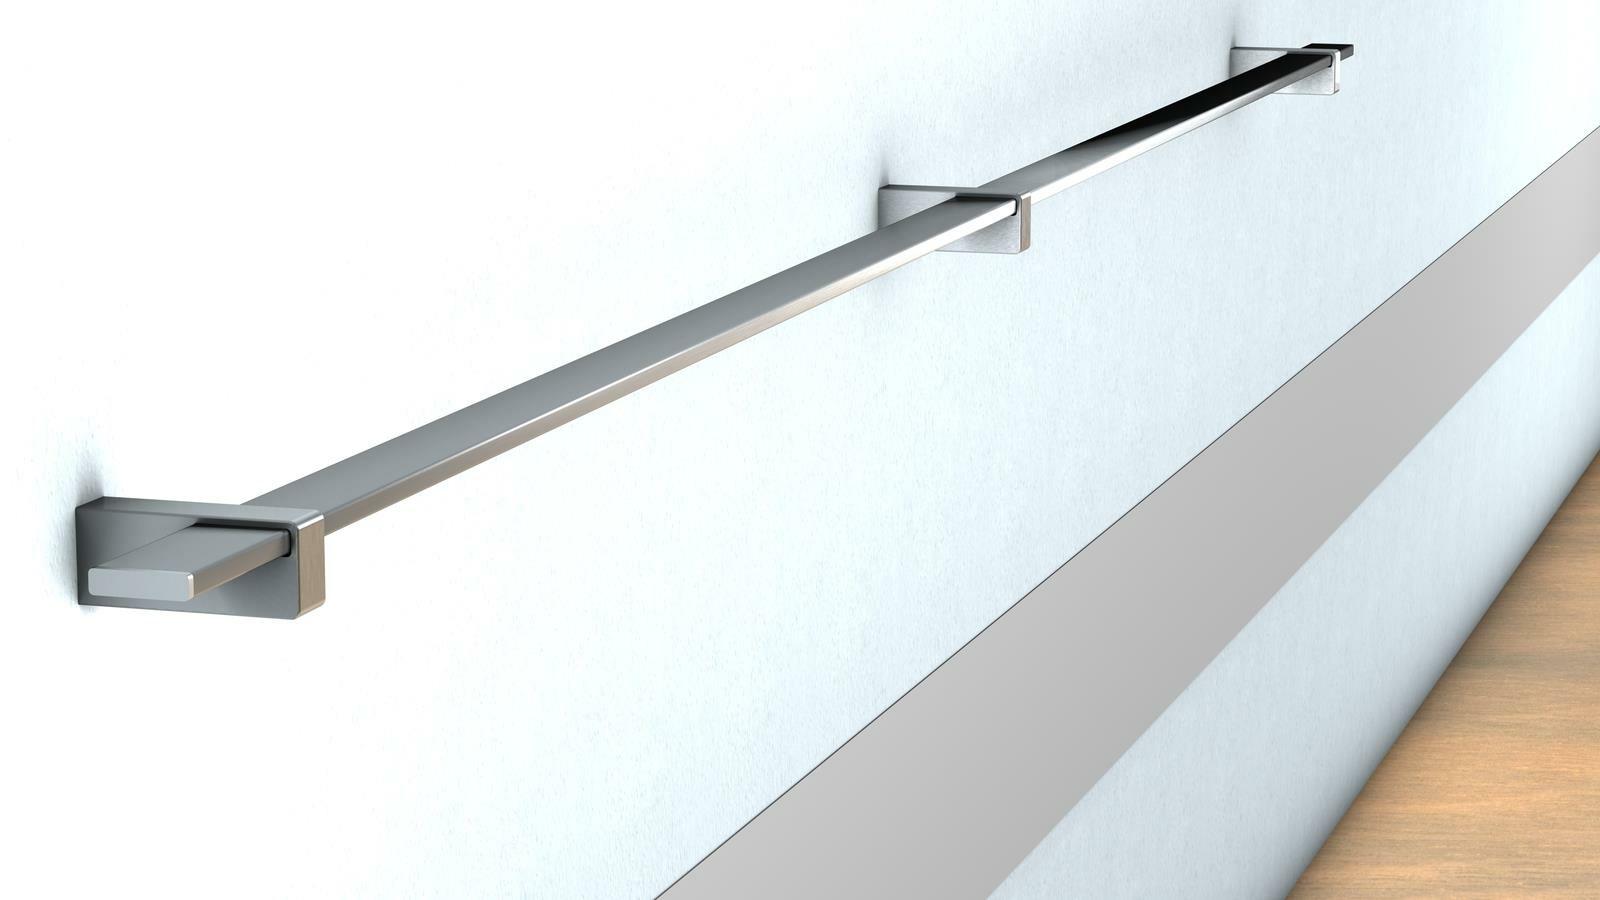 Bevorzugt Edelstahl Handlauf   Komplett-Set   FV-Design   huero.de KD72